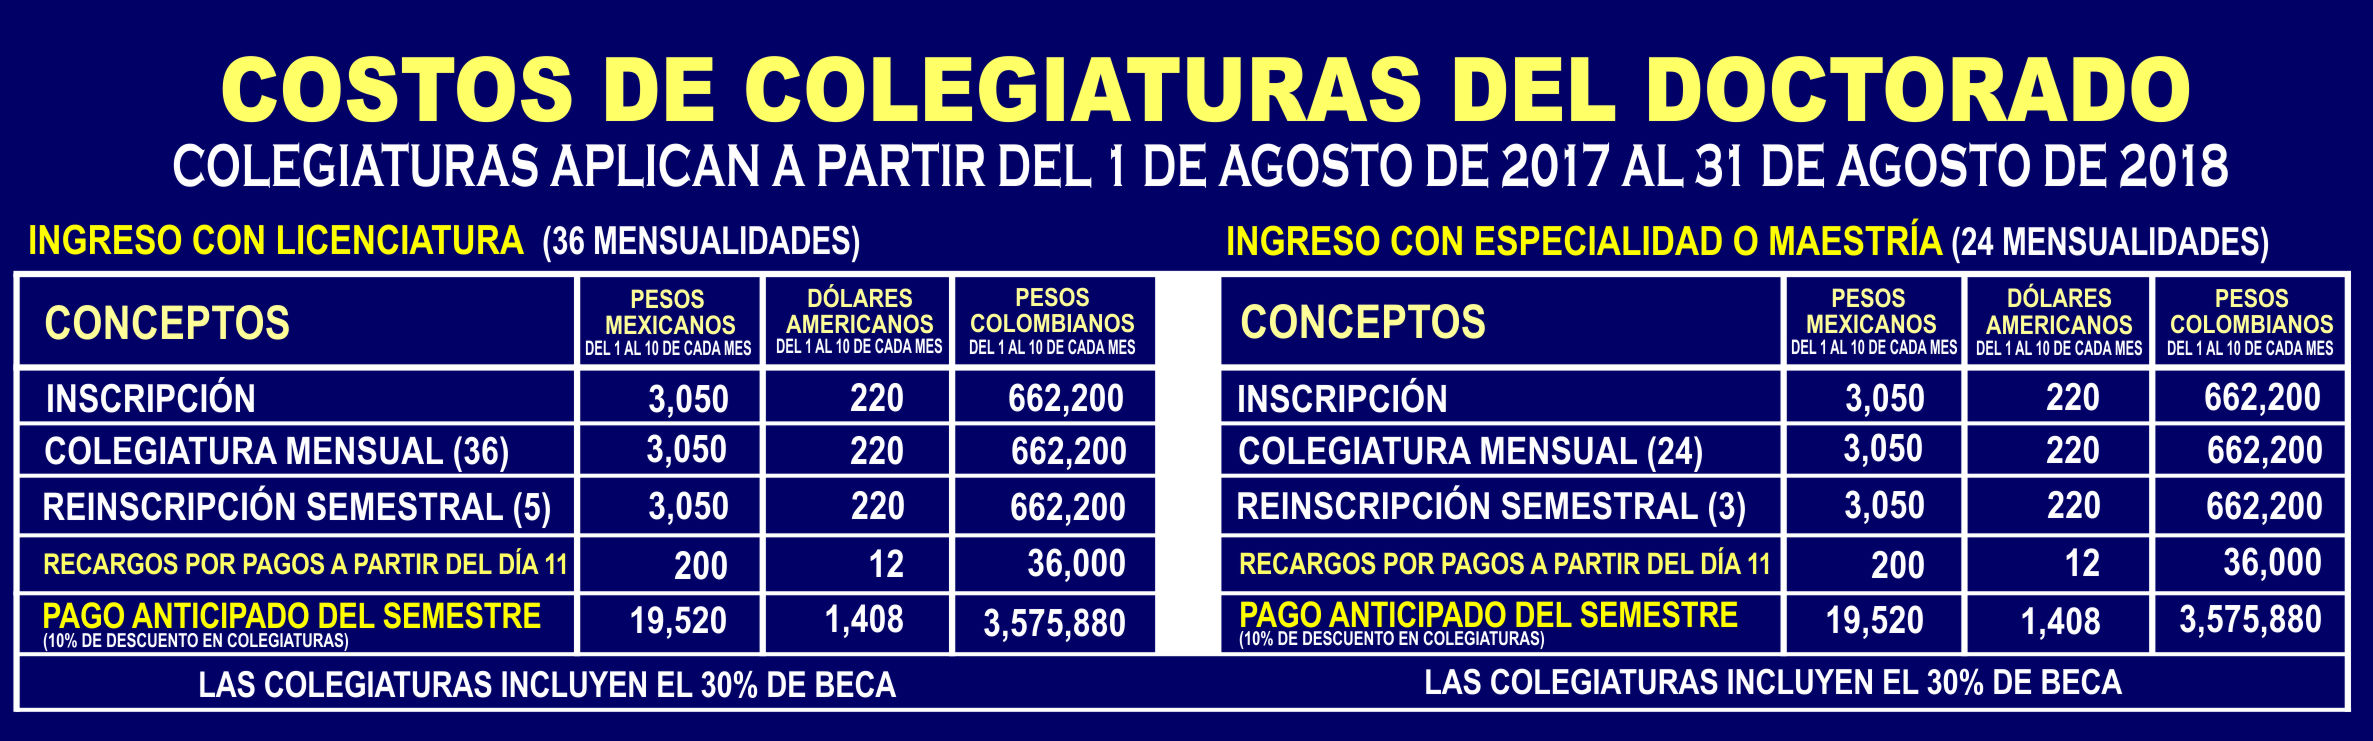 COSTO DE COLEGIATURAS